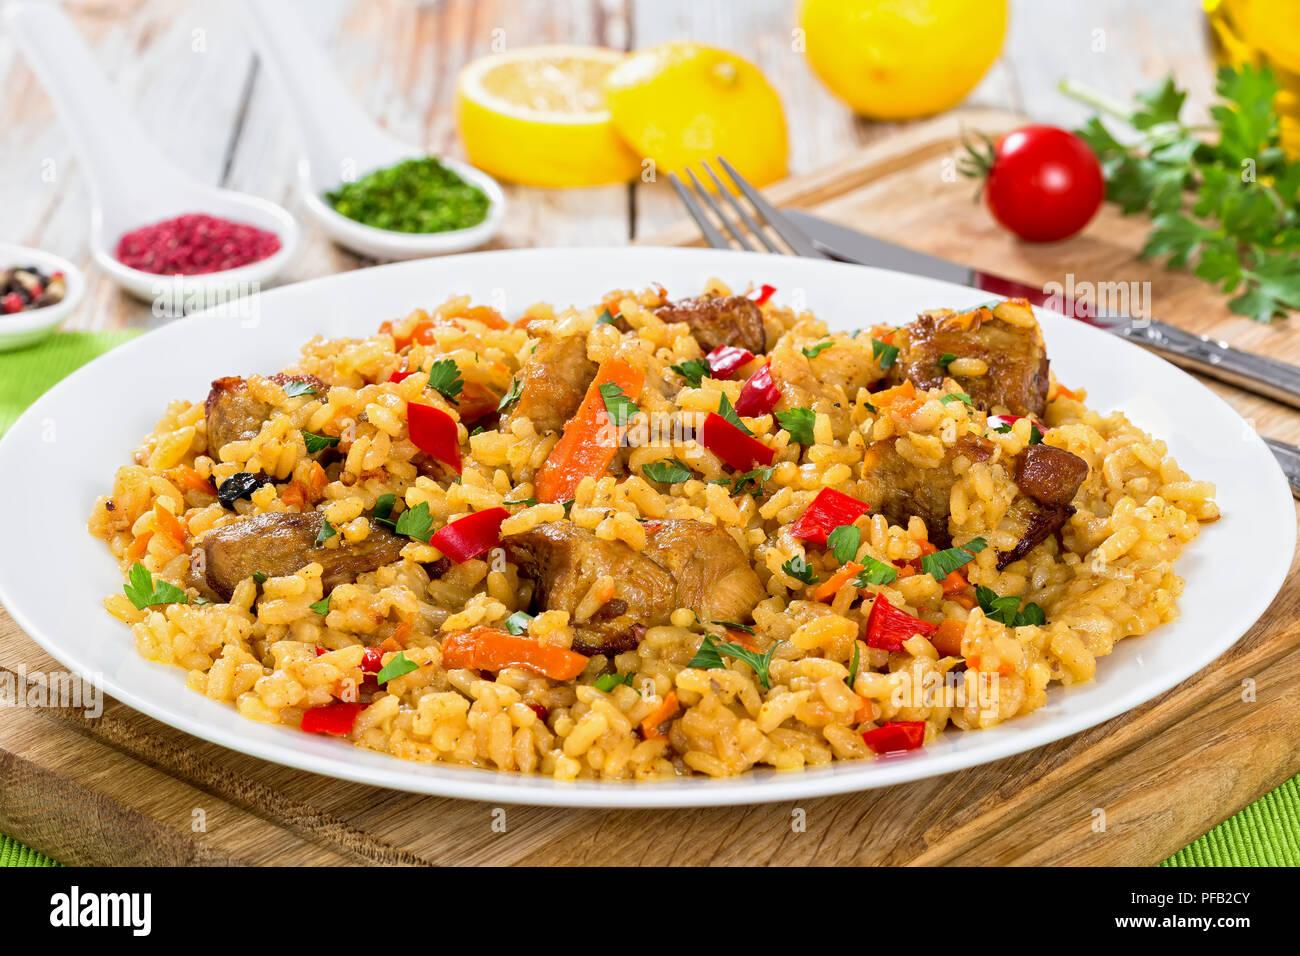 Paella con carne, pimienta, hortalizas y especias en DISH On tabla de cortar, la rodaja de limón, especias y tomates cherry sobre antecedentes, vista desde arriba, clos Foto de stock